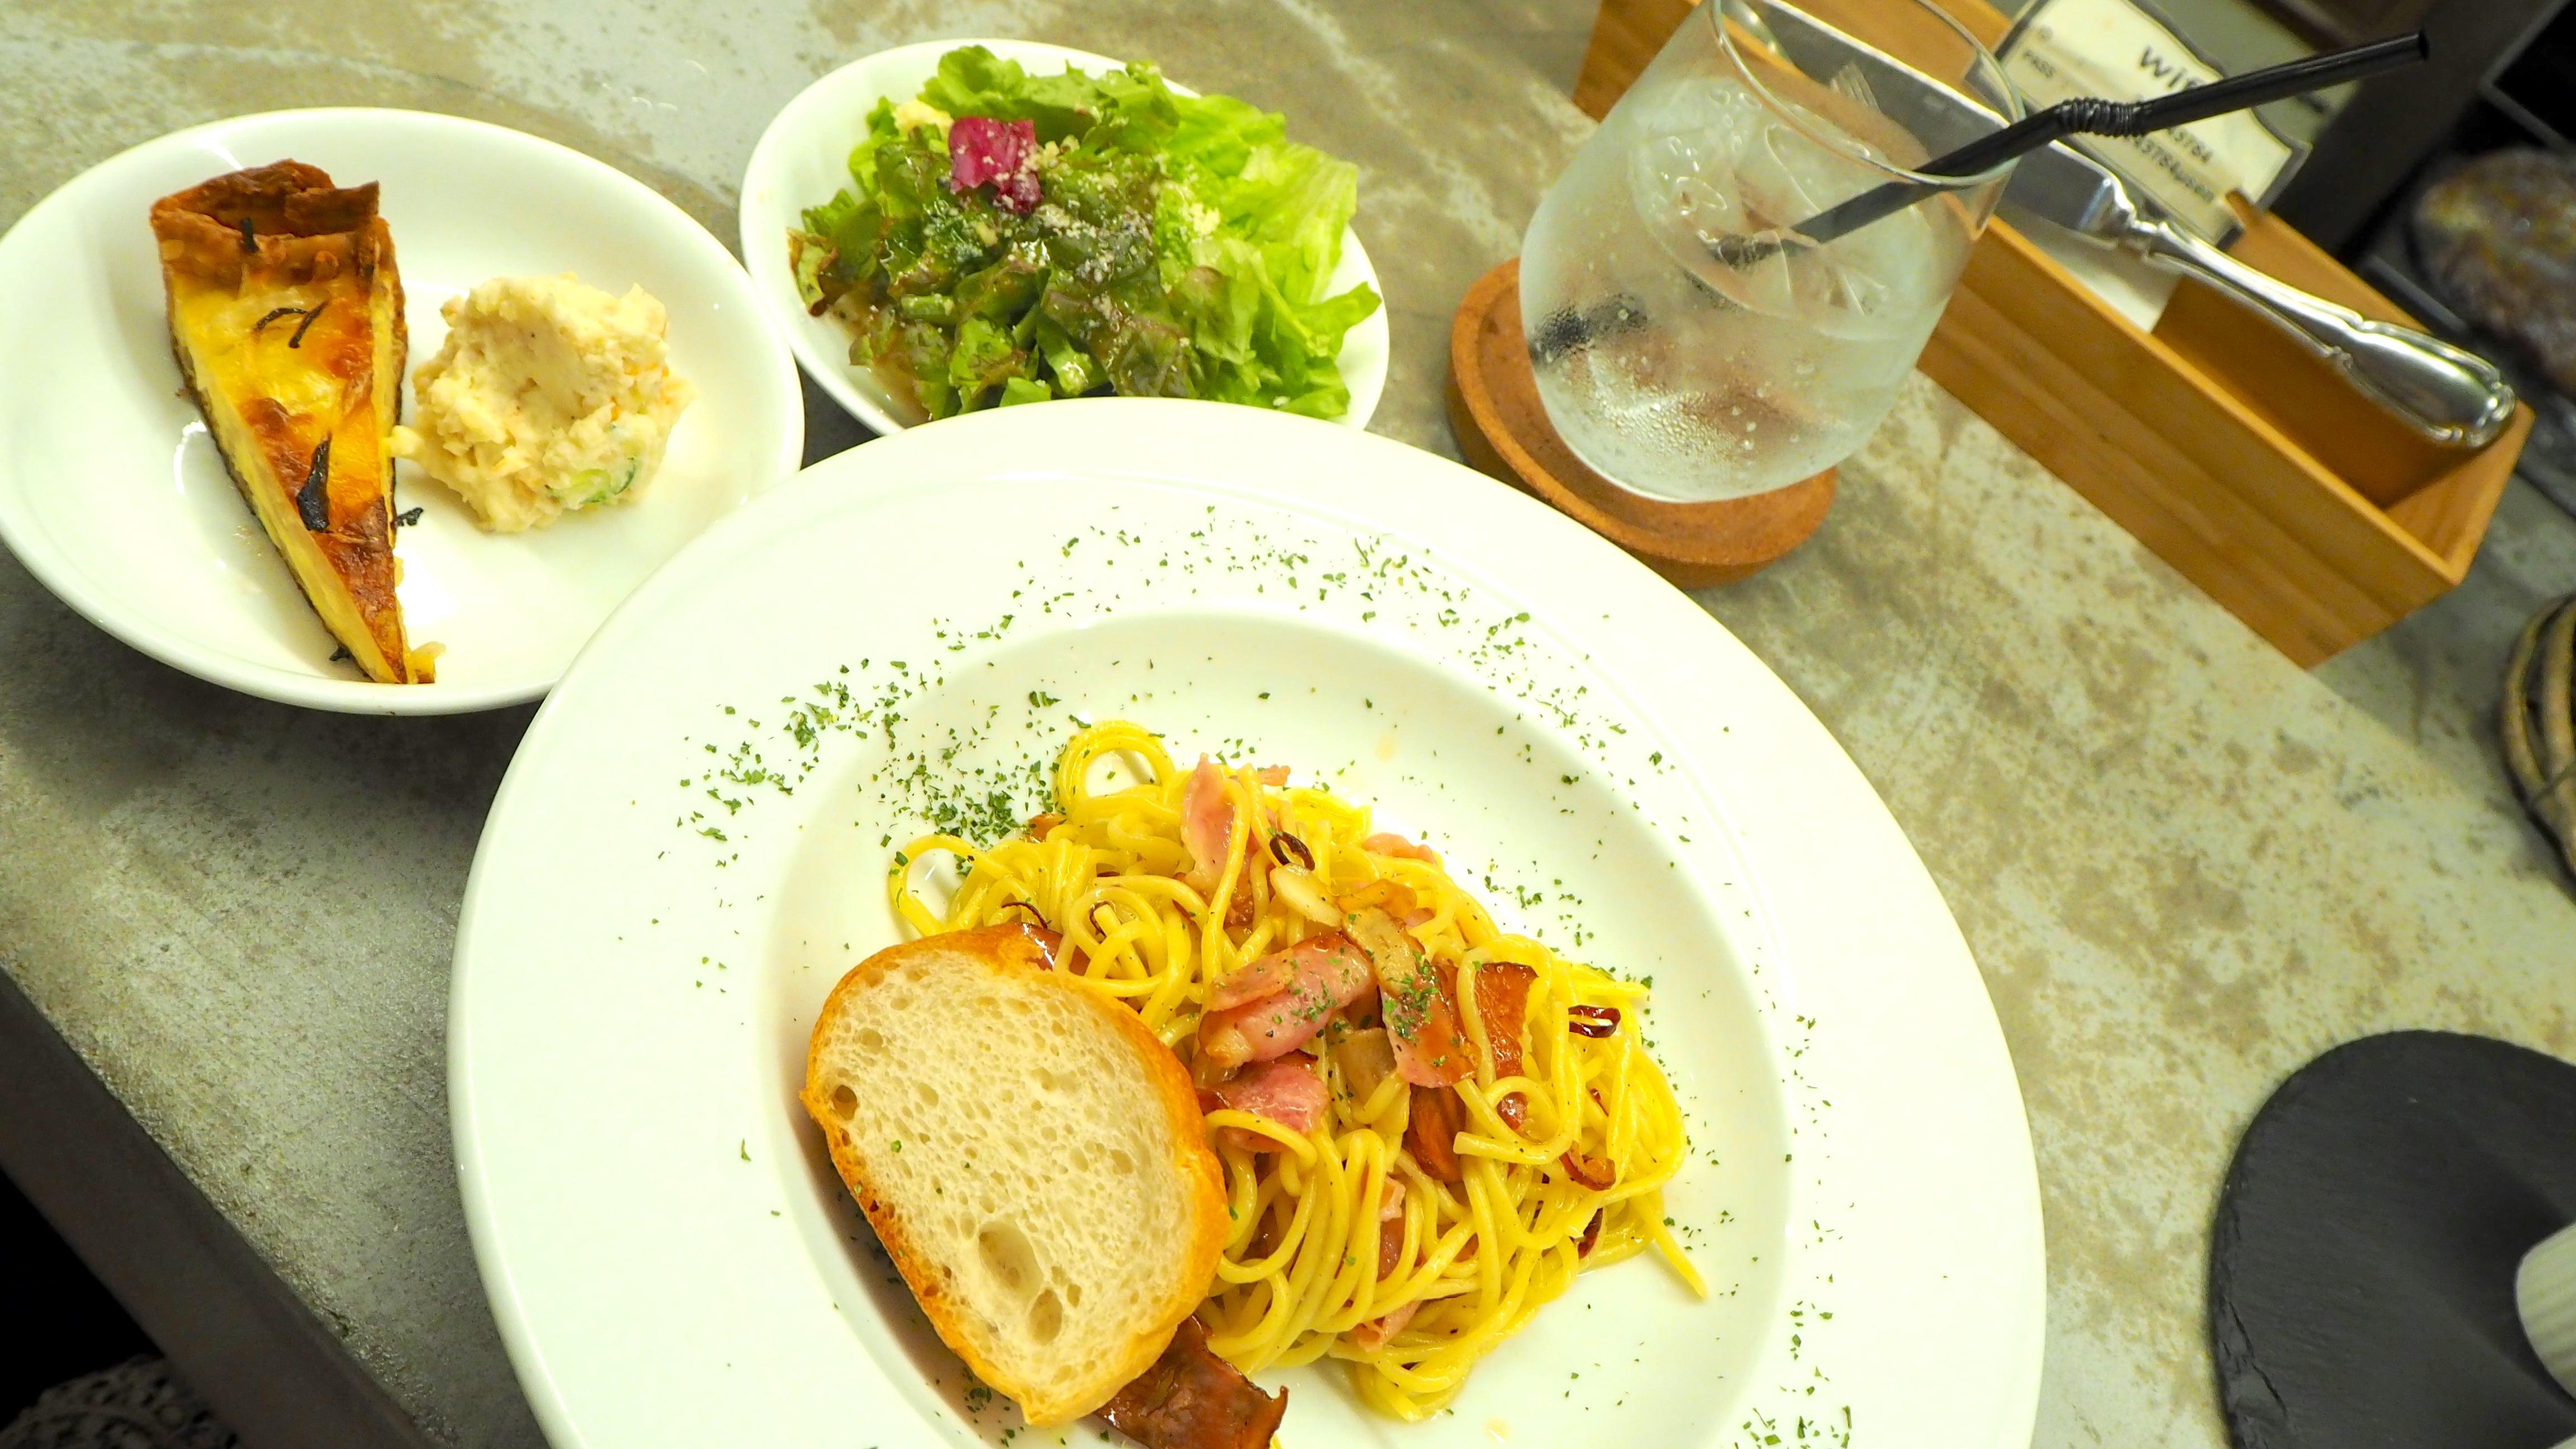 矢場町の隠れ家ビストロカフェ「tredi トレディ」の贅沢燻製ランチ - tredi4